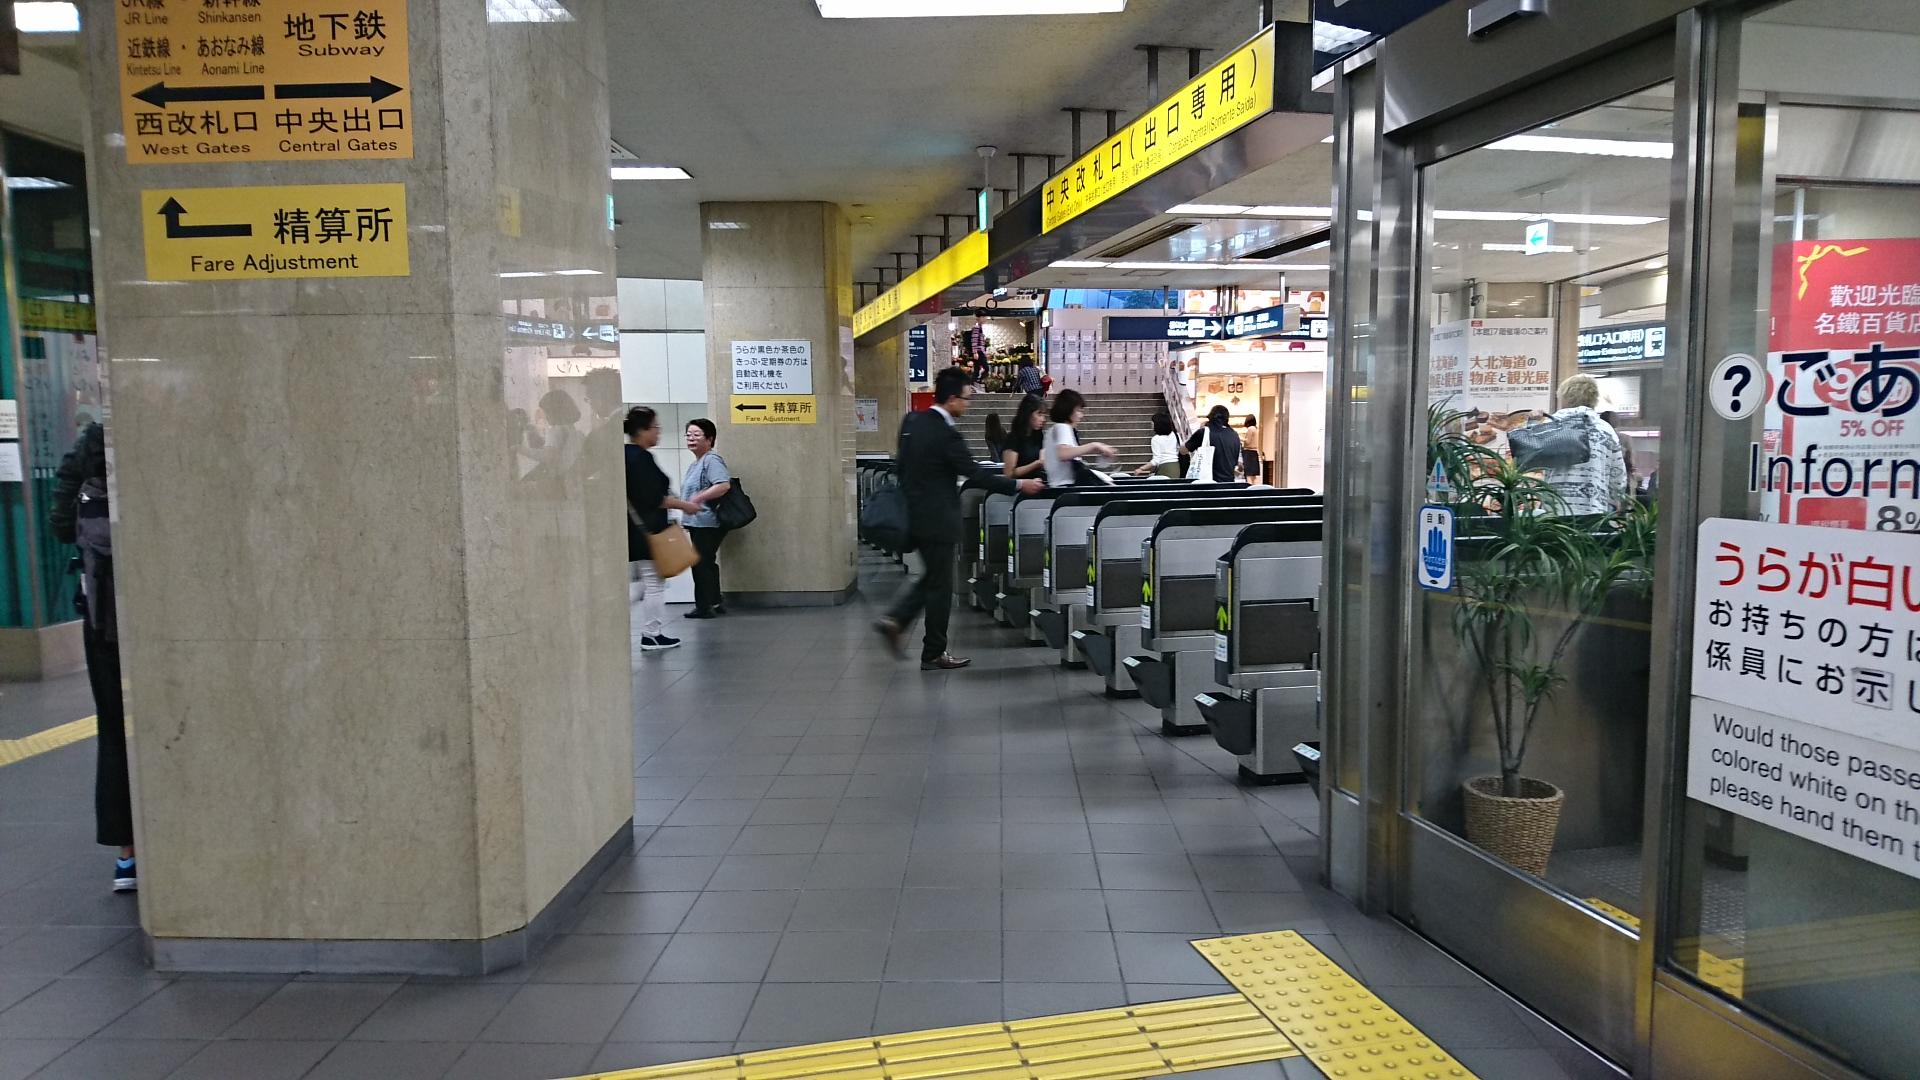 2016.10.19 名鉄名古屋駅のななつのかいさつぐち (1)-2 中央かいさつぐち(でぐち専用)